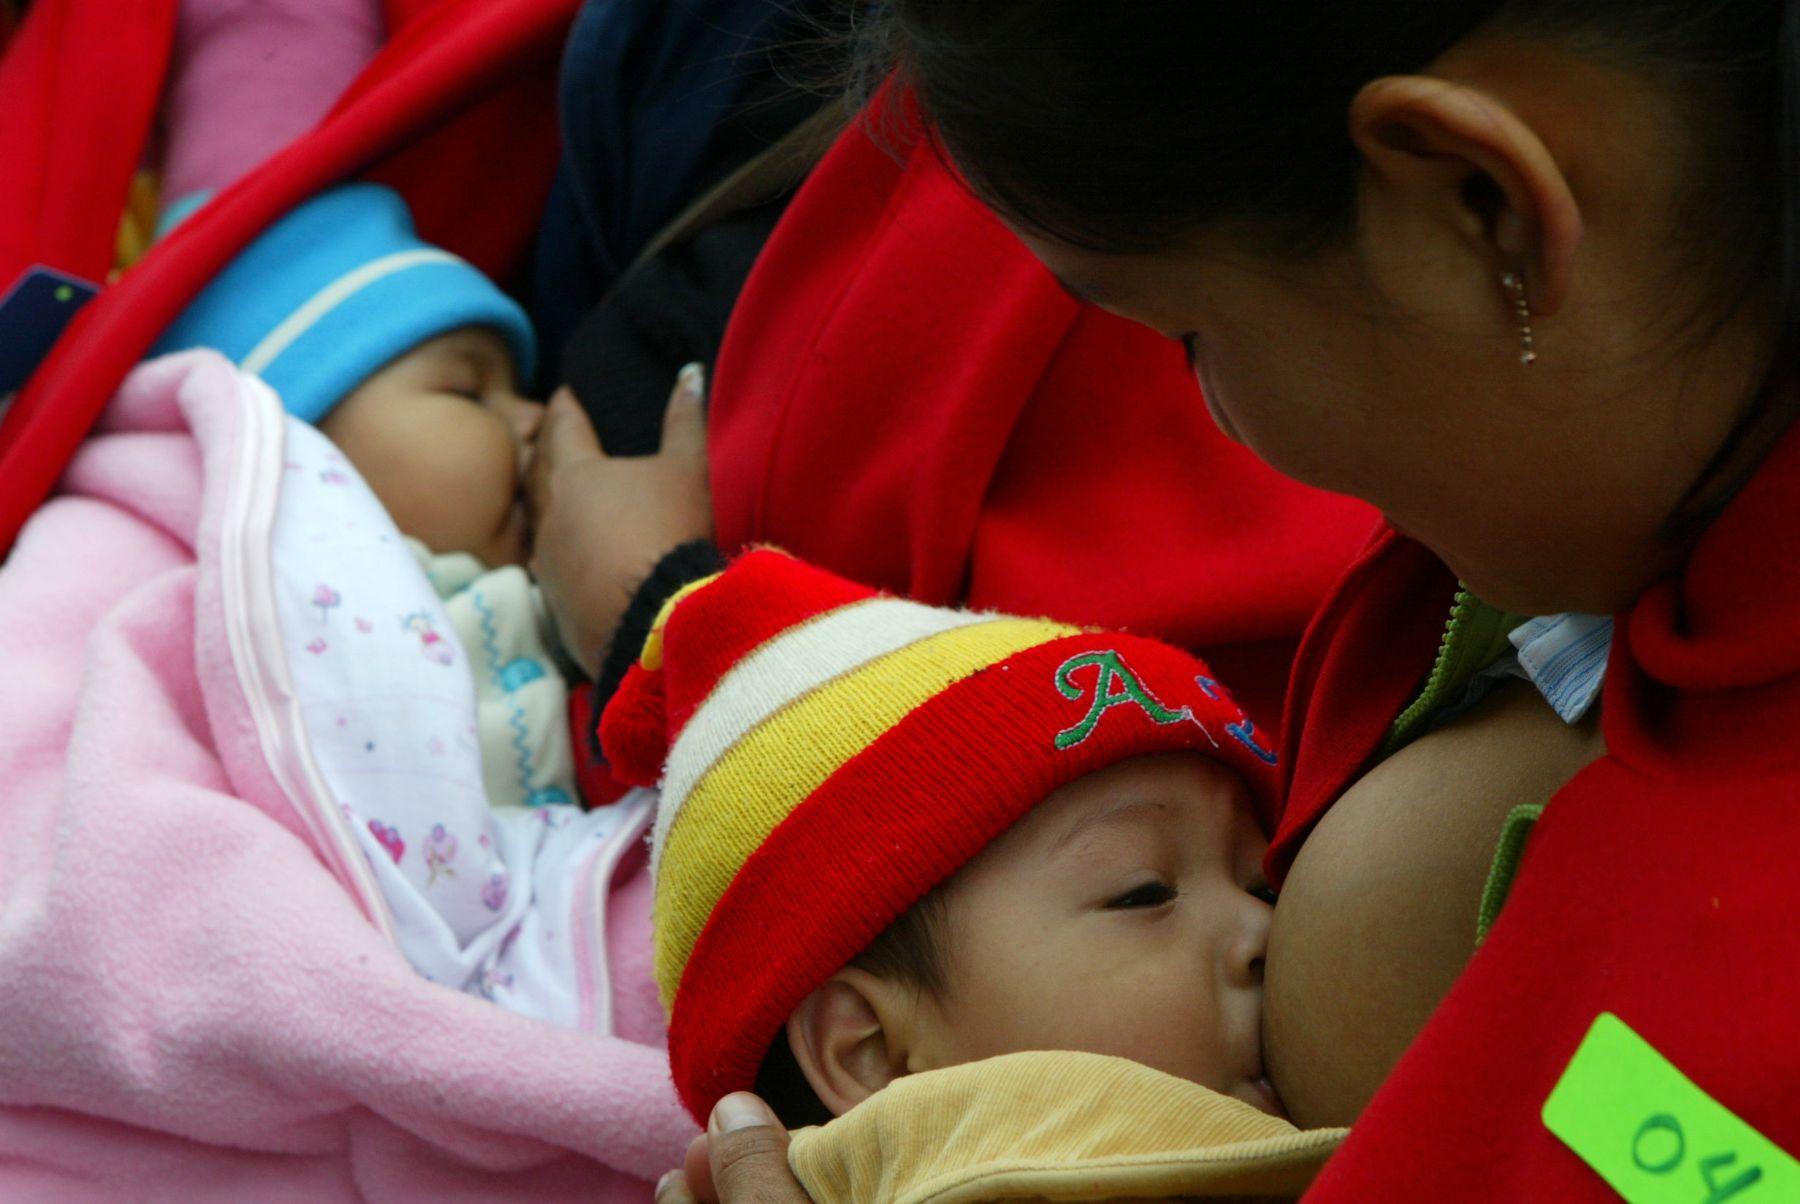 La leche materna es el mejor alimento para los recién nacidos. Foto: ANDINA/Rubén Grández.